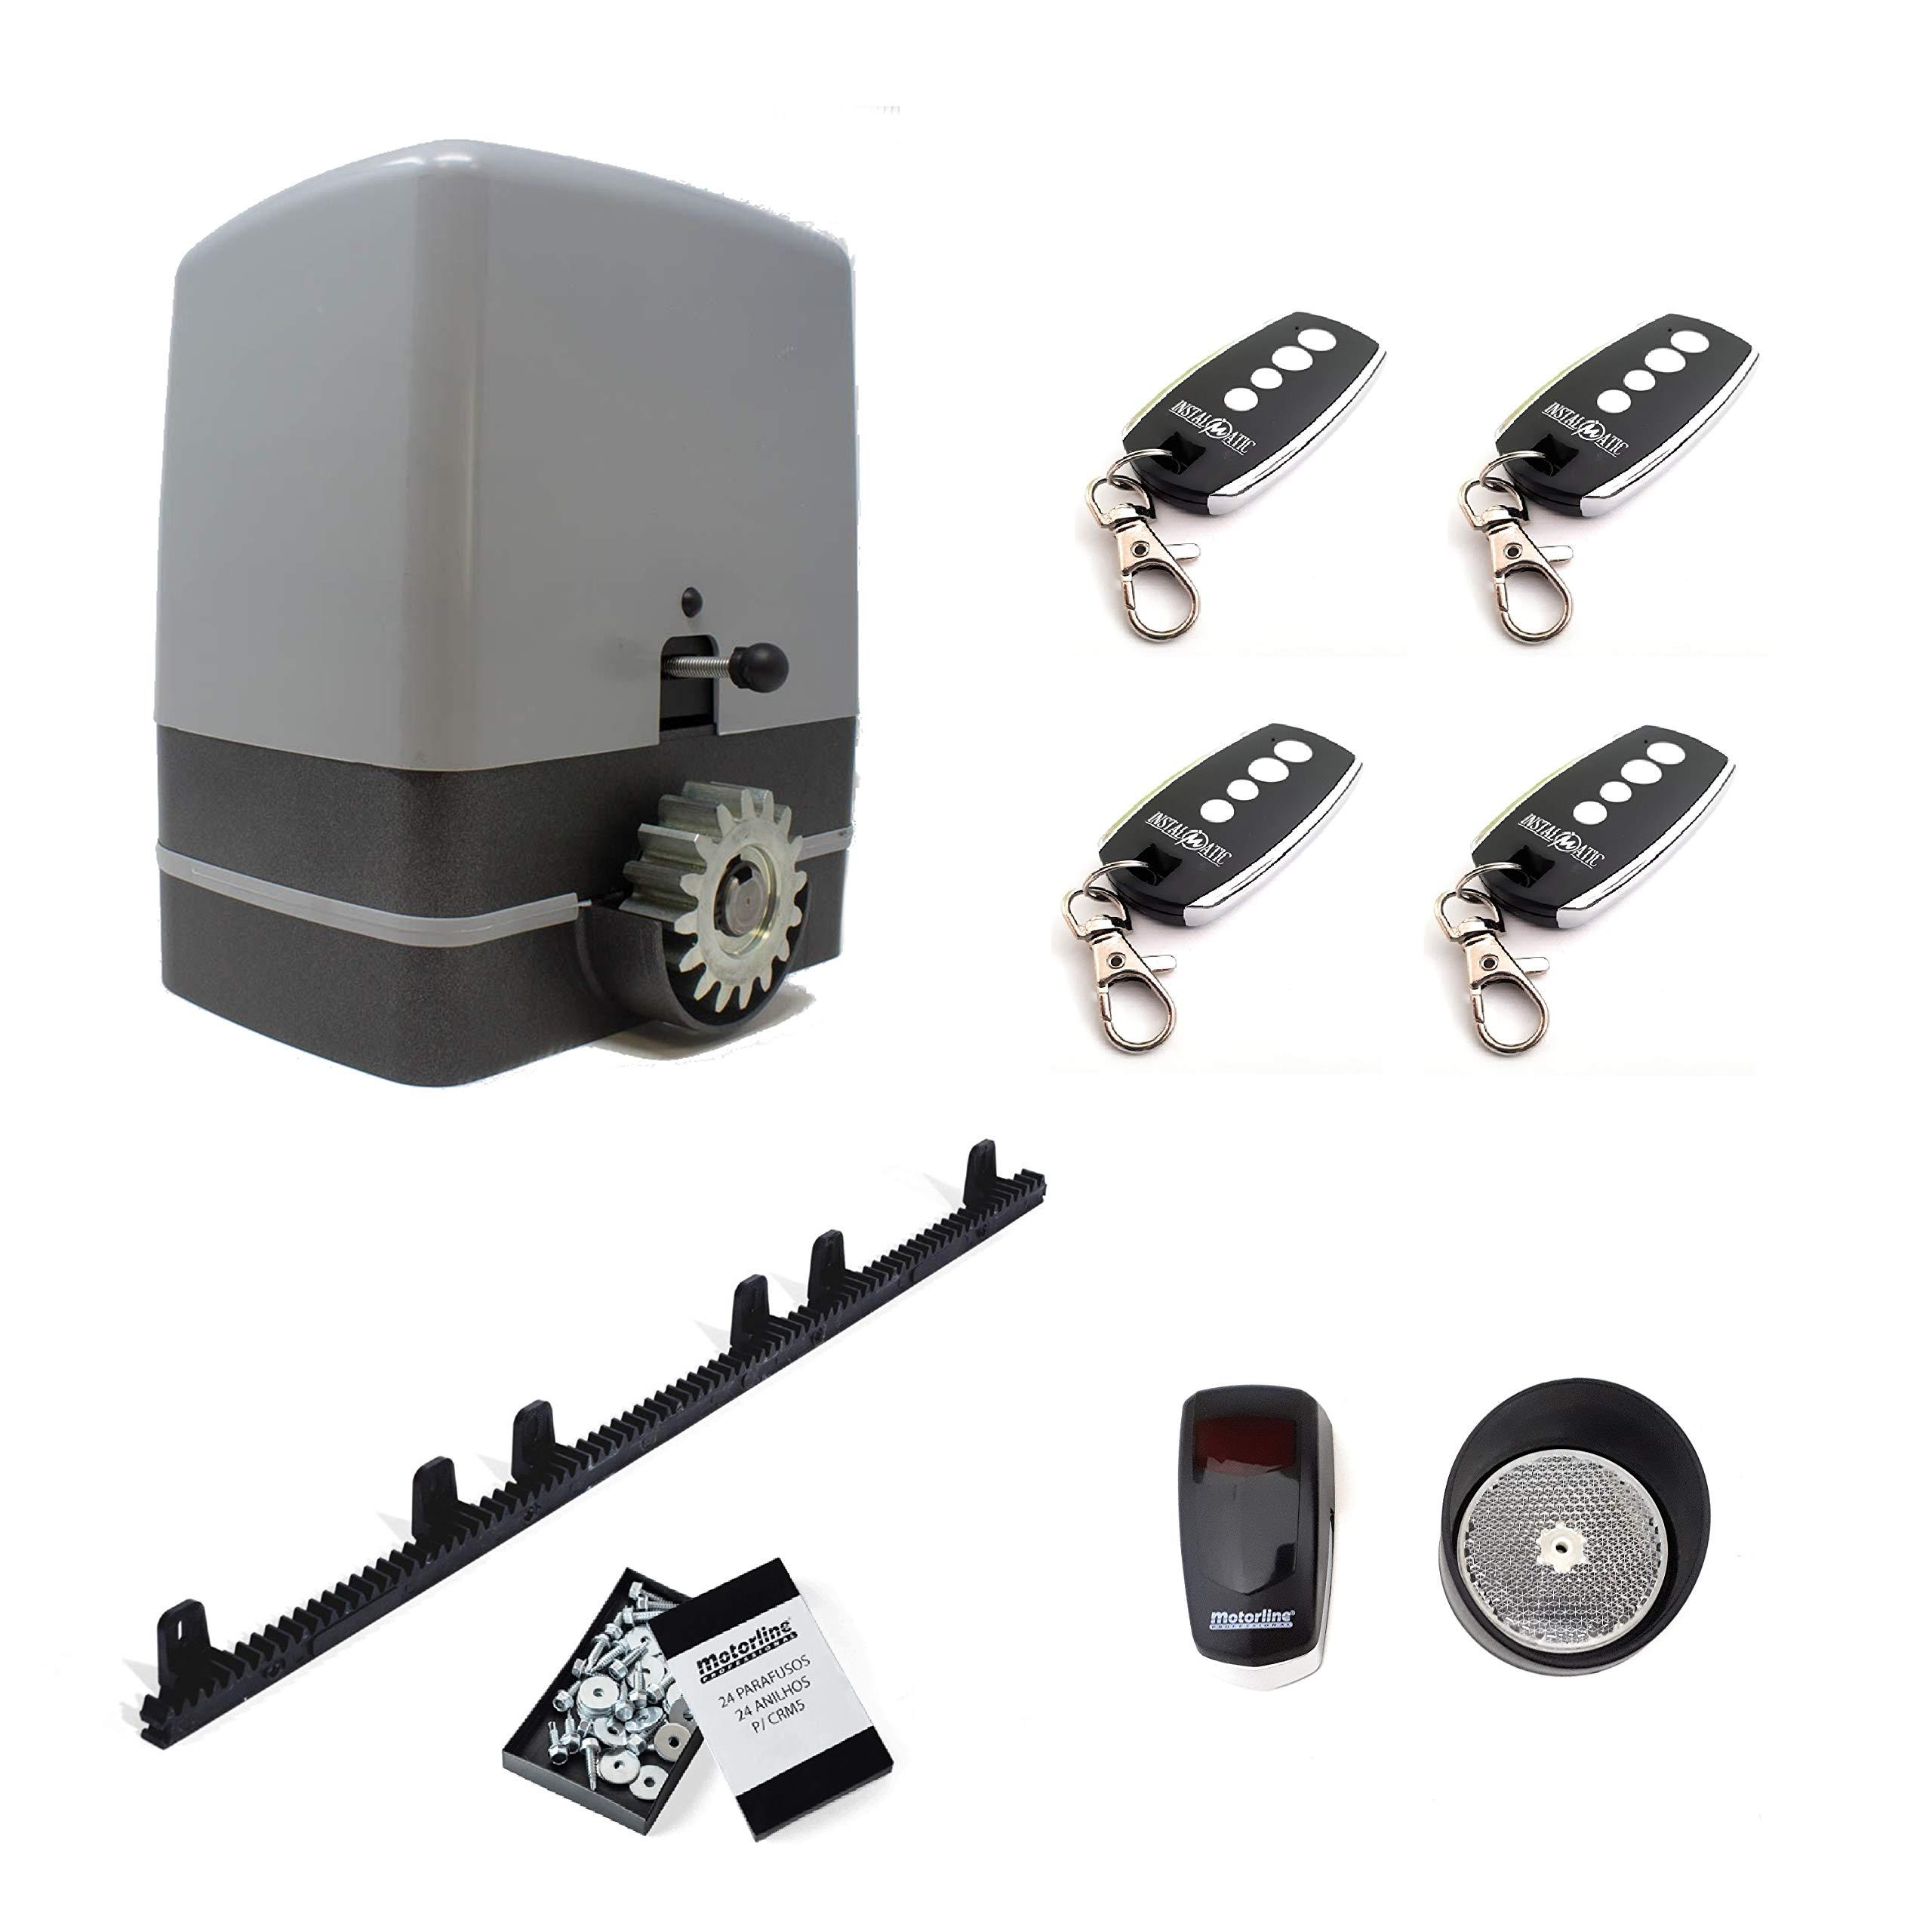 Kit completo motor corredera CARRERA 800KG con 6 metros de cremallera de nylon con tornillos + 4 mandos a distancia TX4 + sensor de reflexión.: Amazon.es: Bricolaje y herramientas